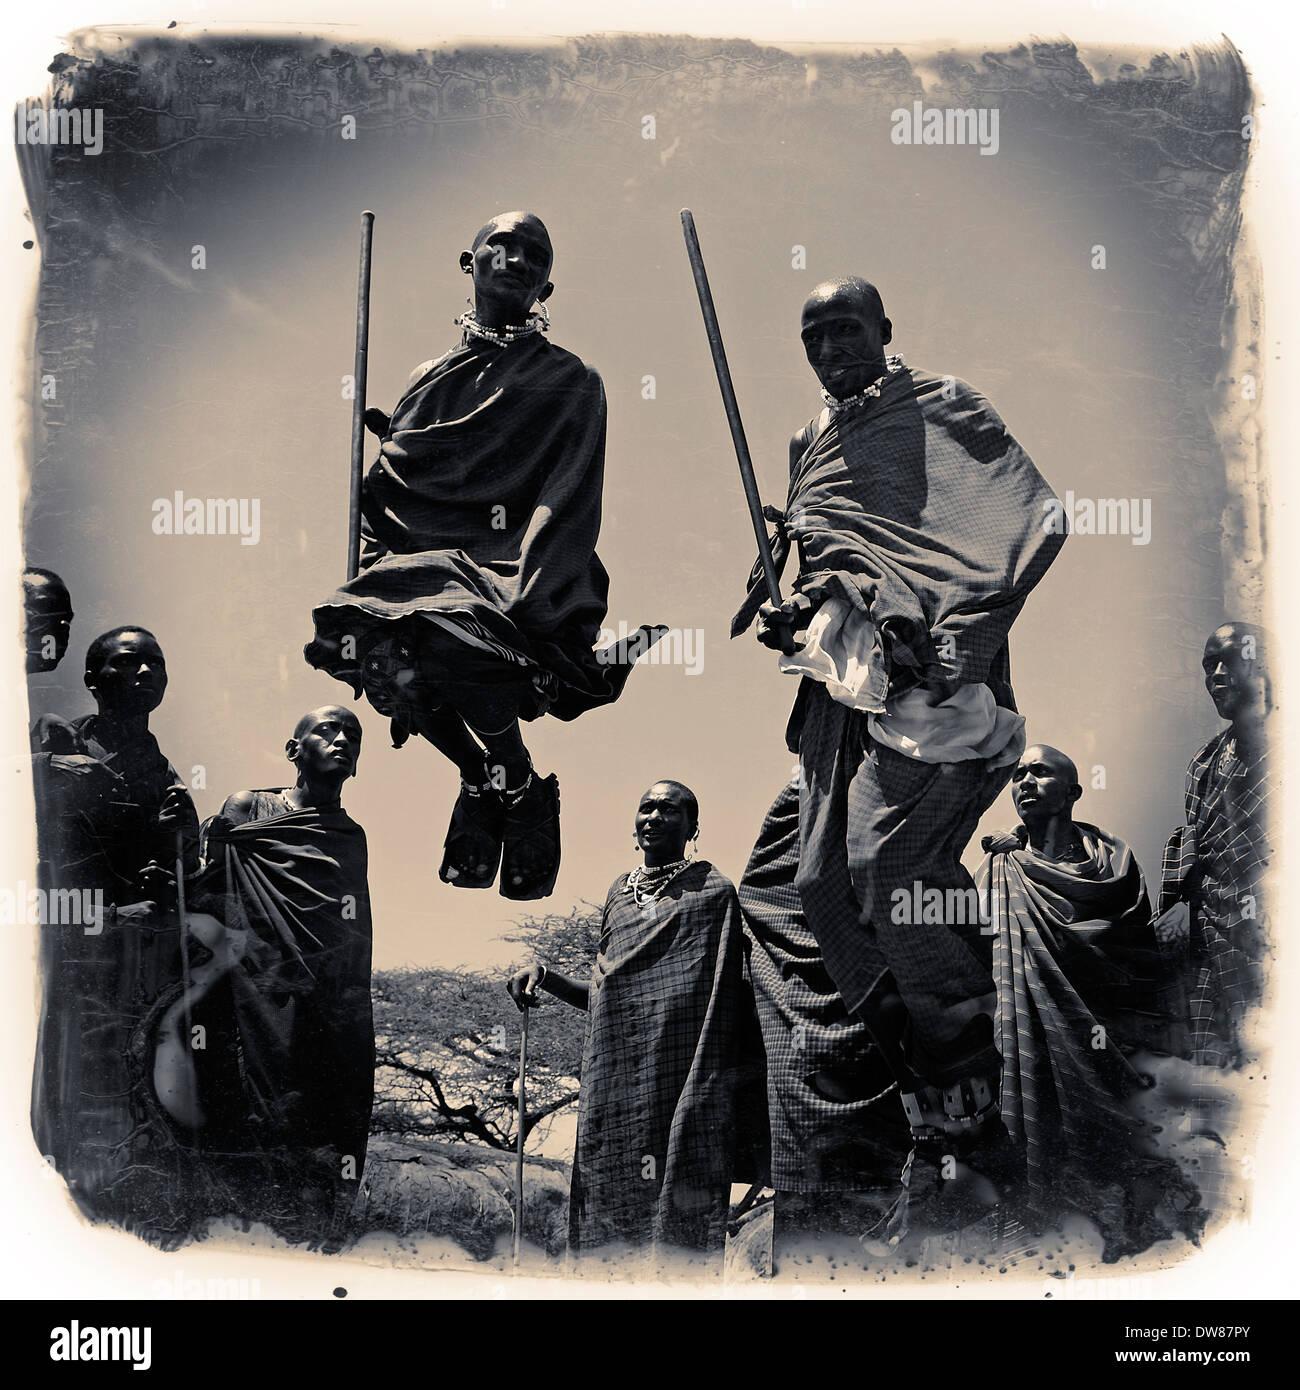 Um grupo de homens Maasai participar na tradicional dança Adumu comumente conhecido como o salto dança Imagens de Stock